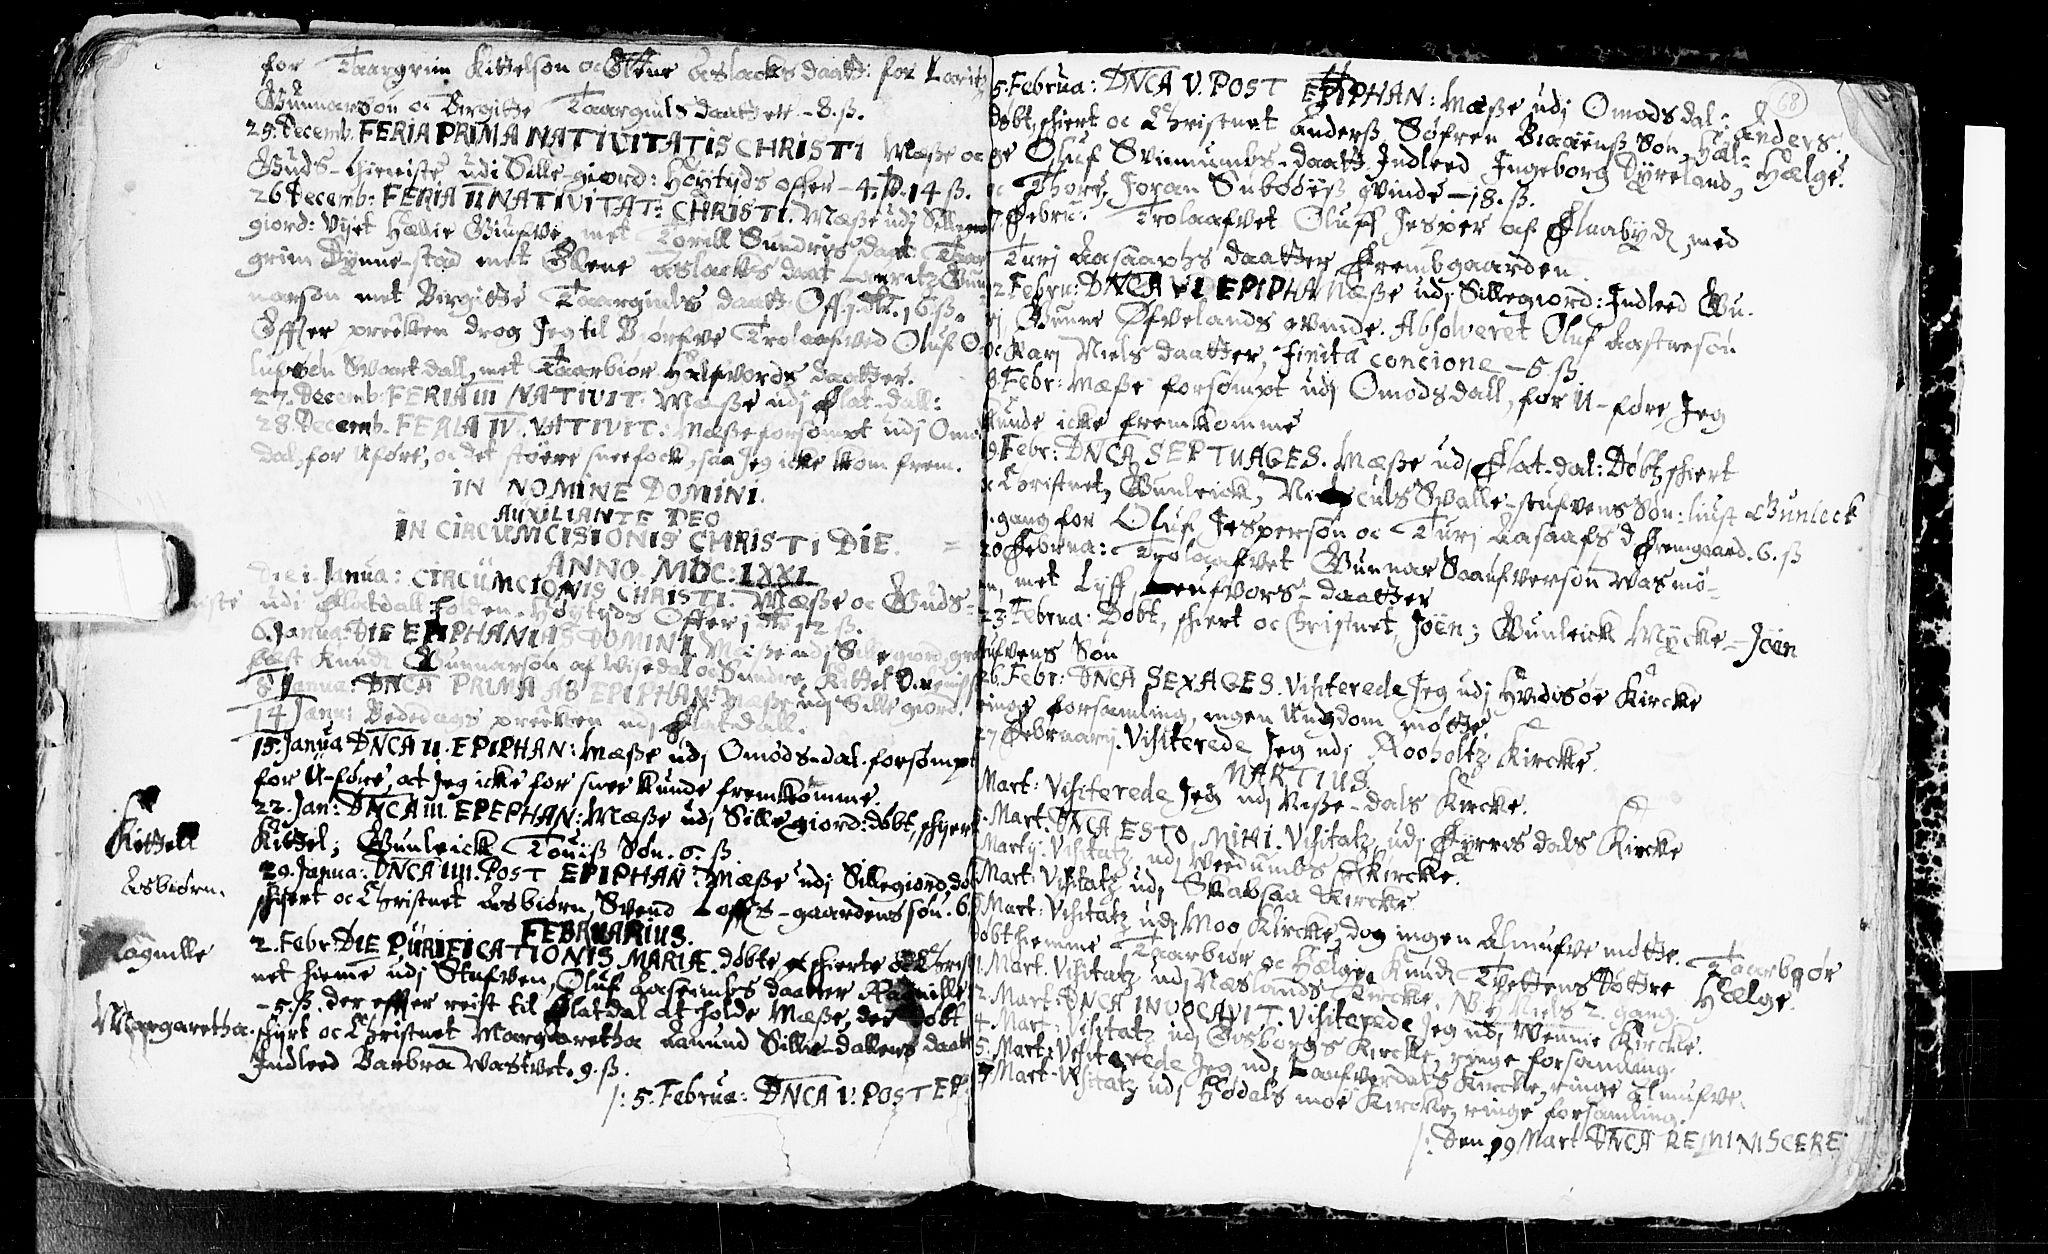 SAKO, Seljord kirkebøker, F/Fa/L0001: Ministerialbok nr. I 1, 1654-1686, s. 68